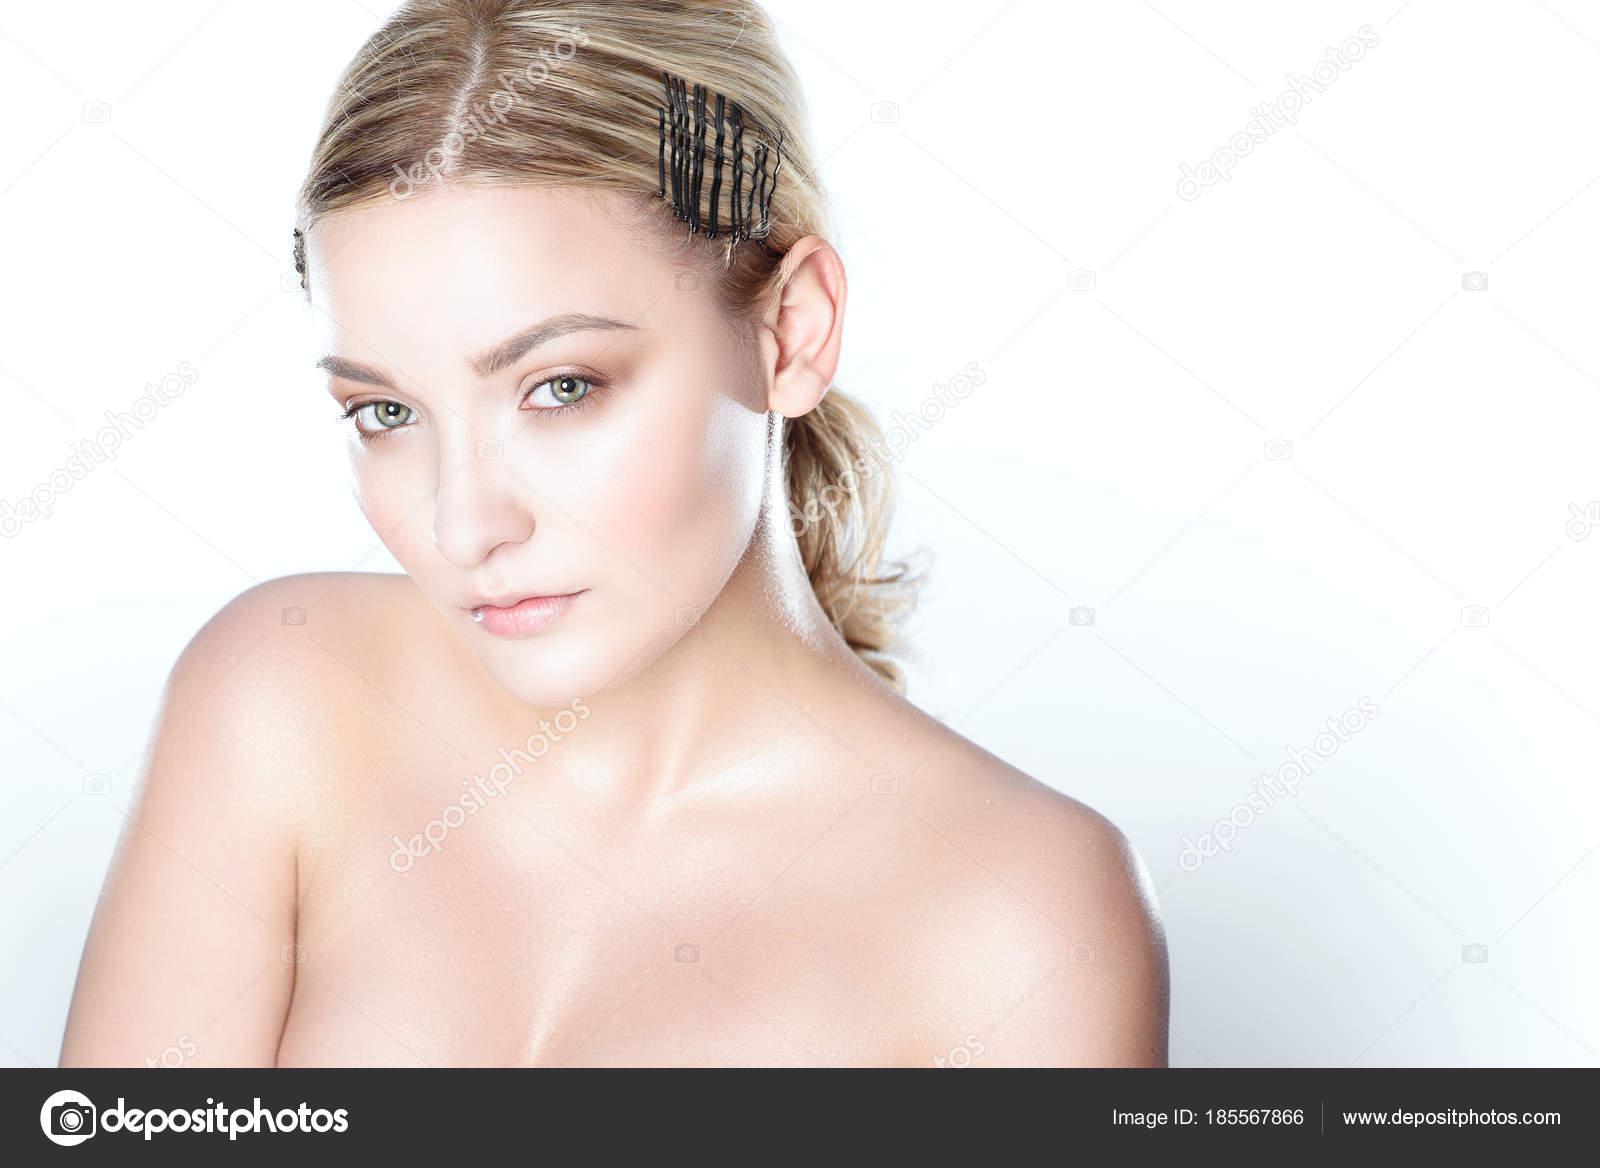 Όμορφο μοντέλο γυμνό